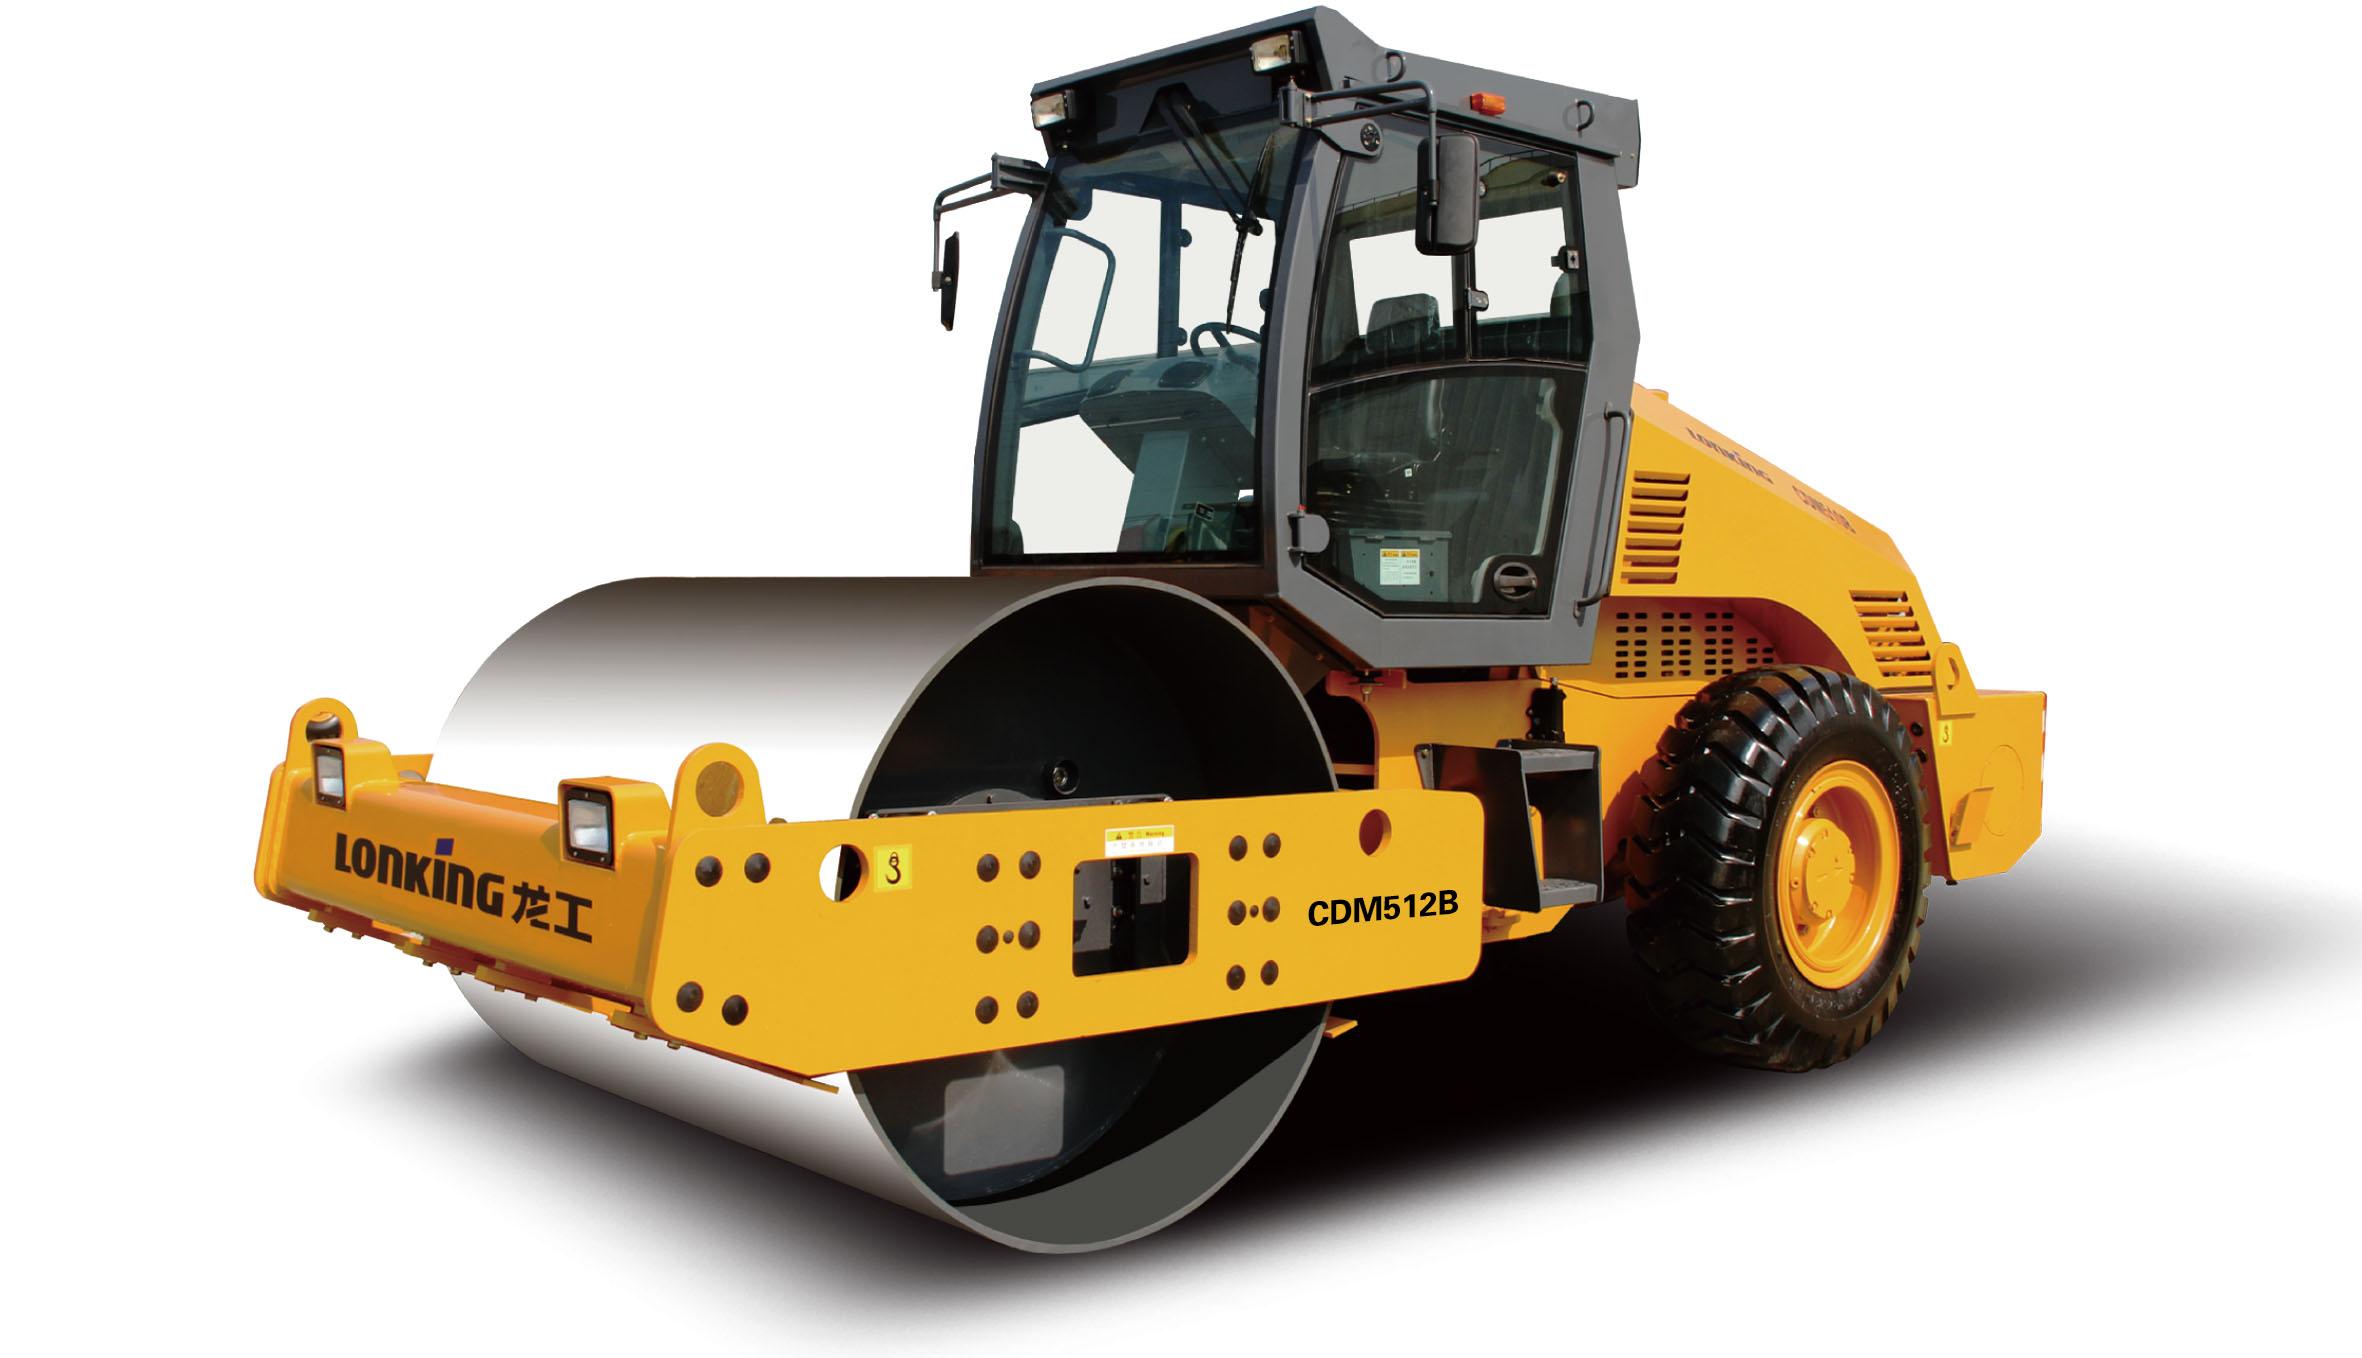 CDM512B-2